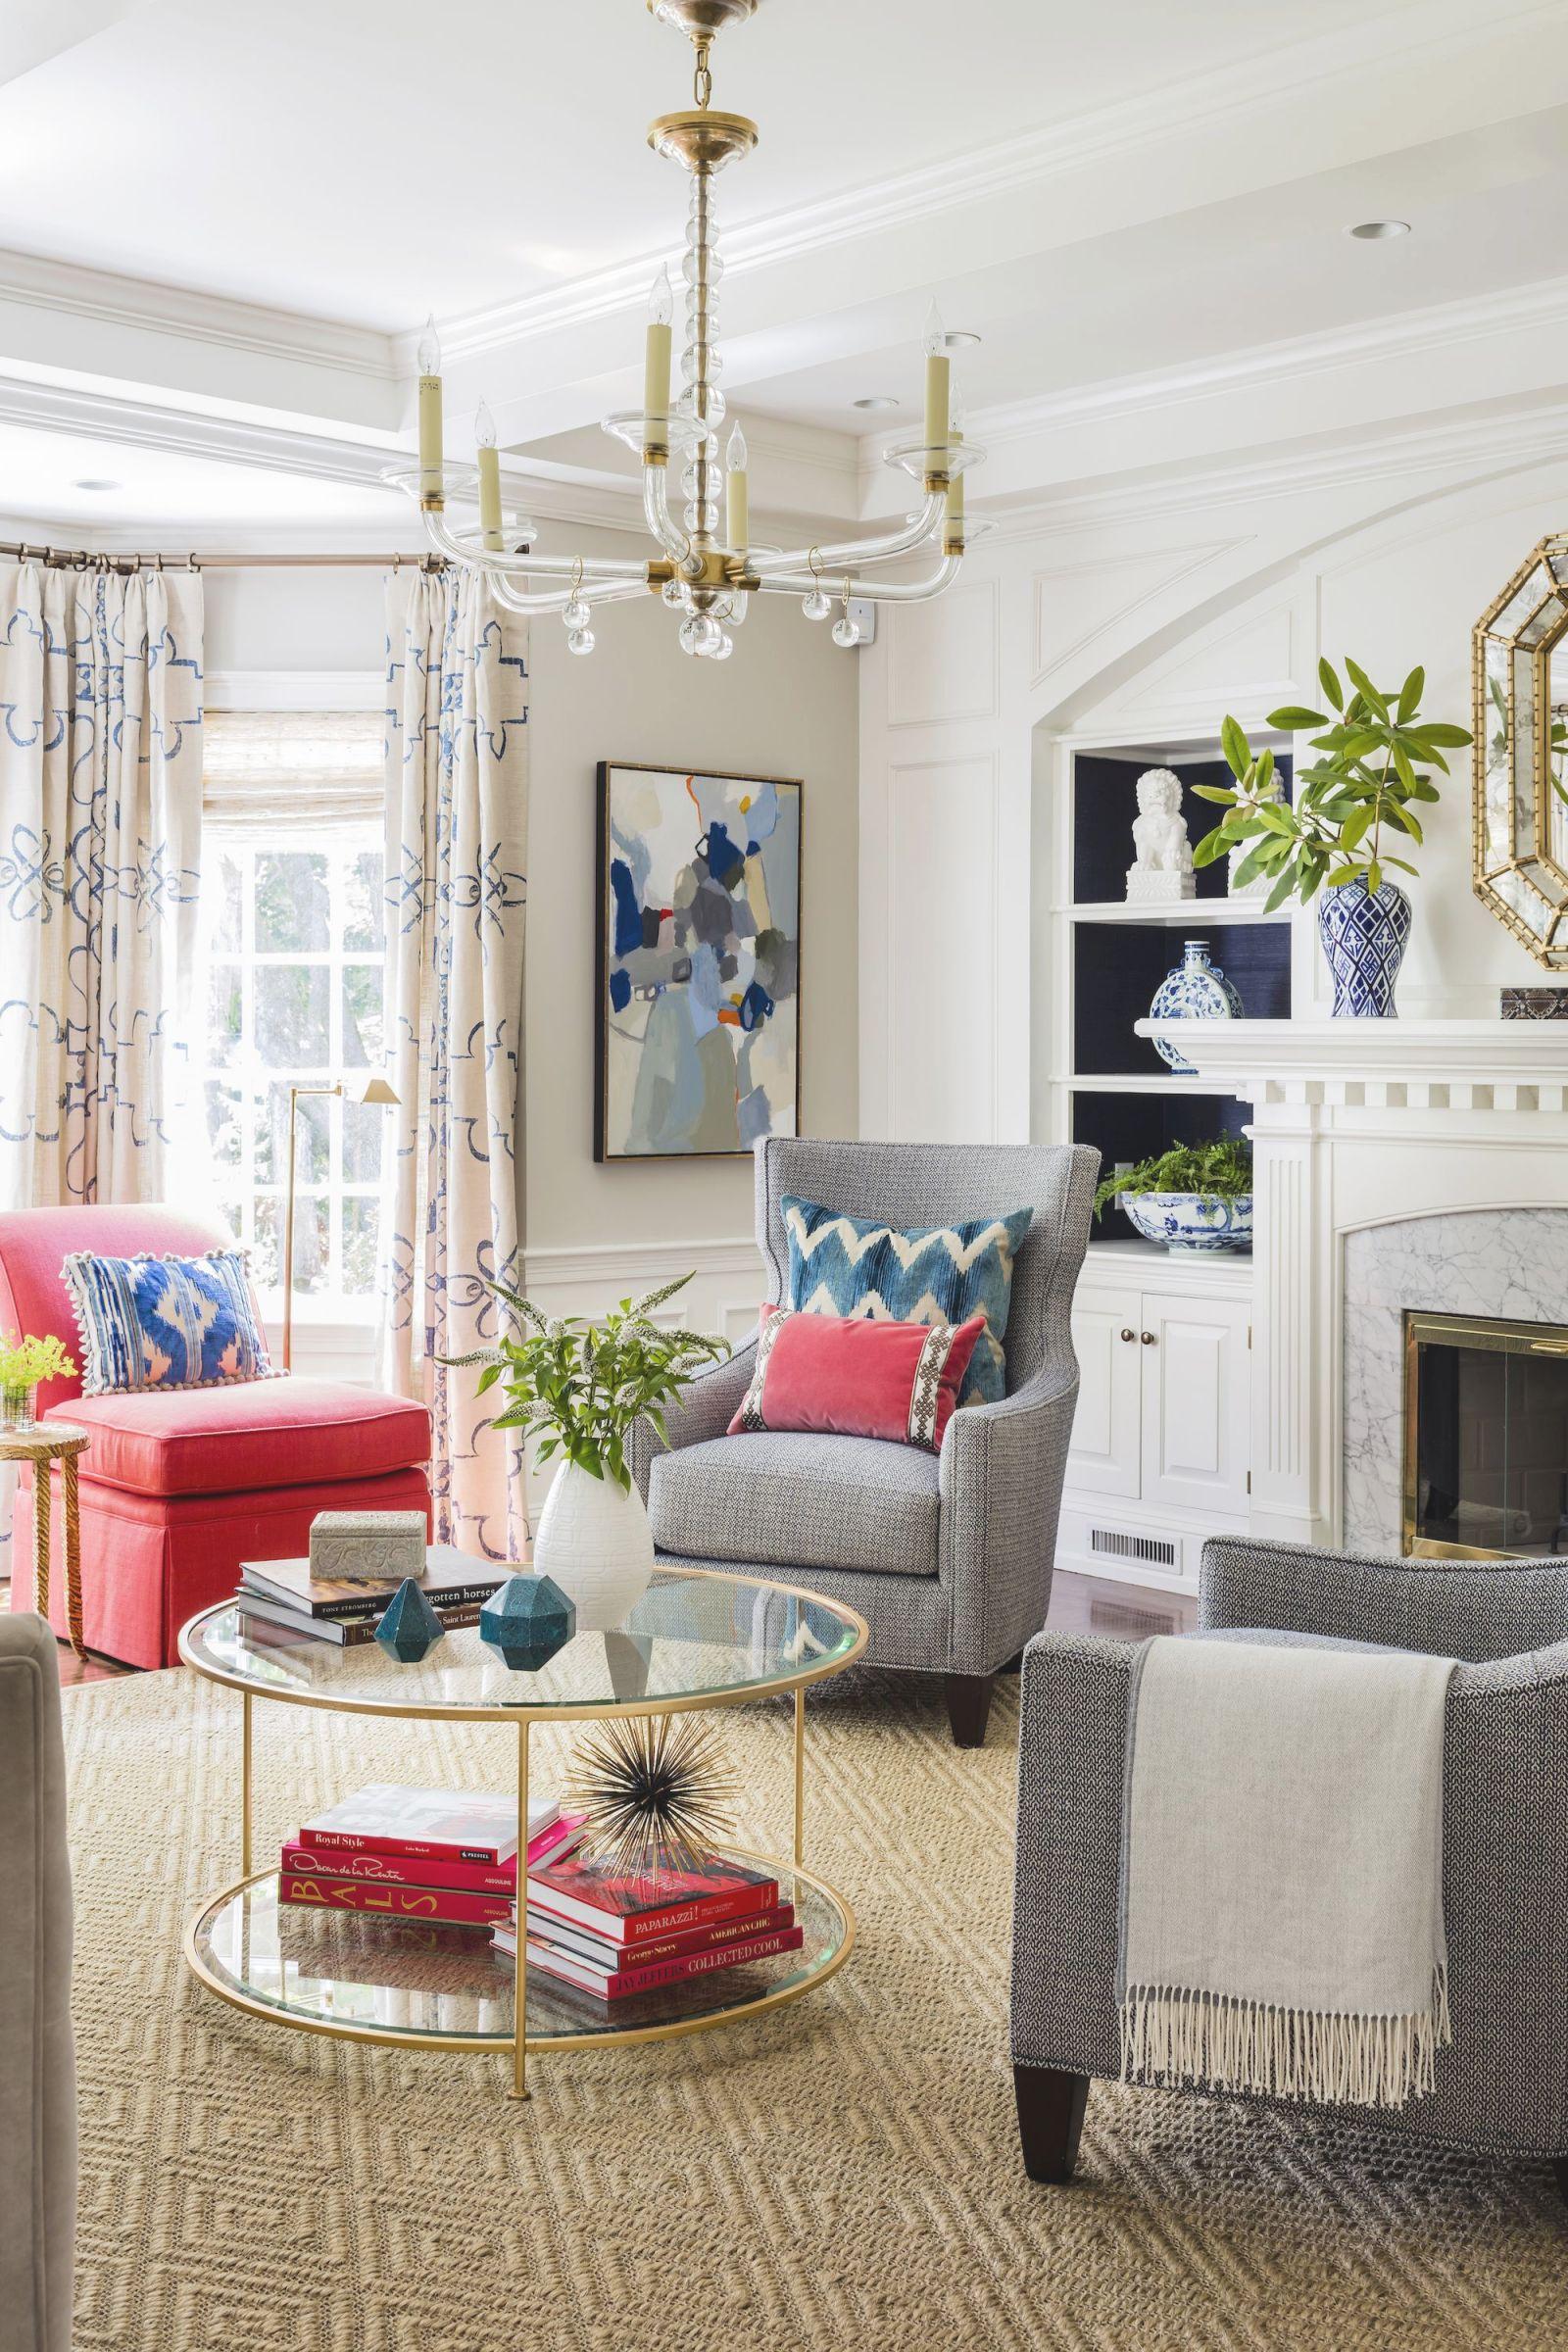 53 Best Living Room Ideas – Stylish Living Room Decorating regarding Home Decorating Ideas Small Living Room